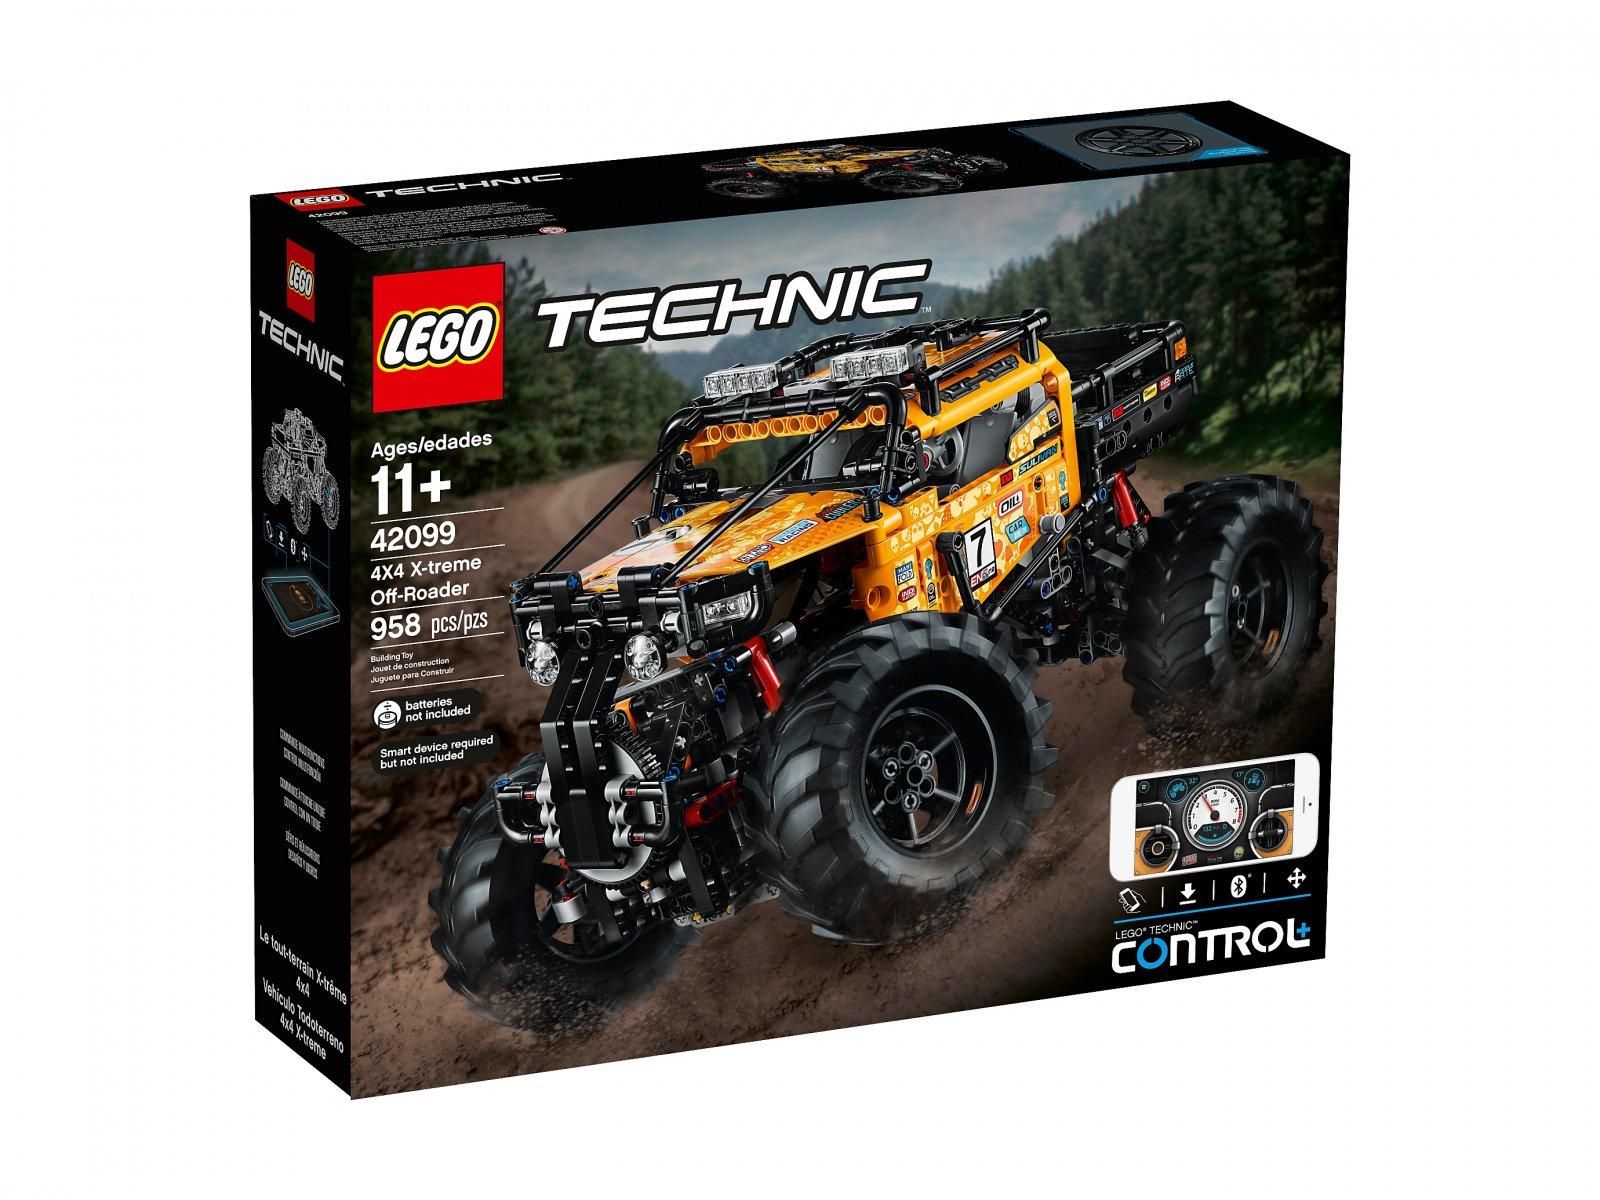 LEGO 42099 Technic Zdalnie sterowany pojazd terenowy